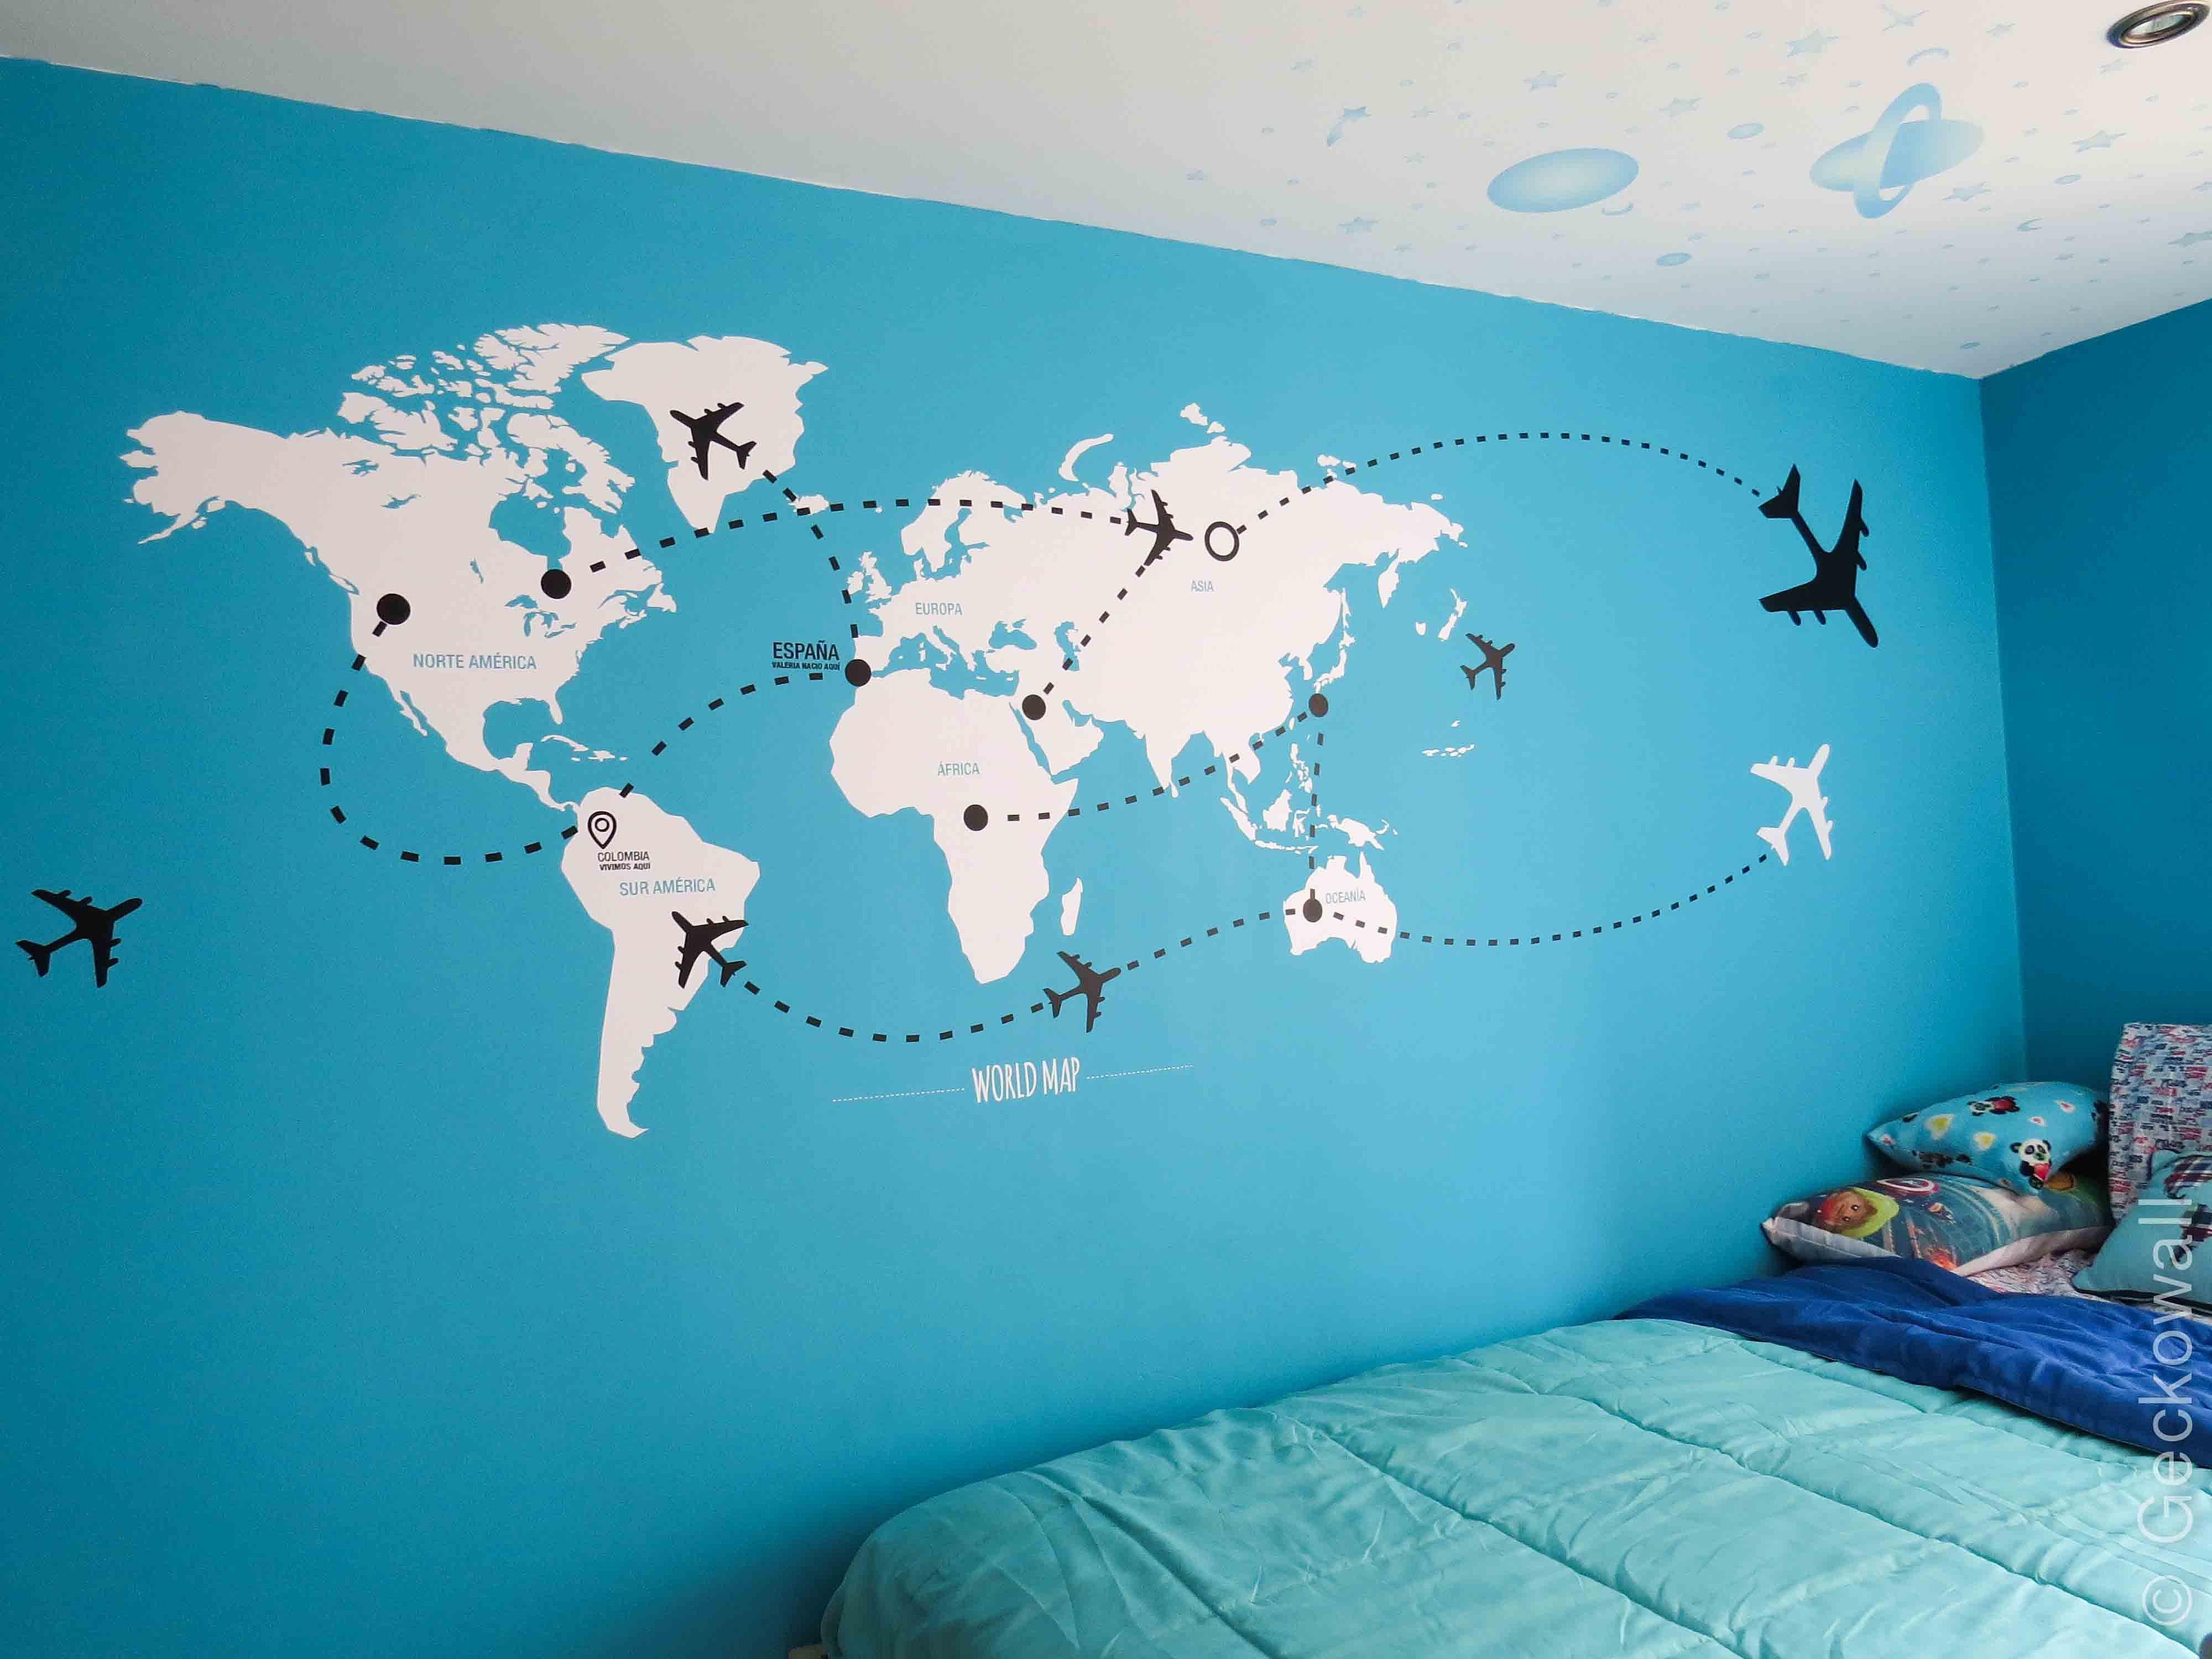 Vinilos decorativos cuadros y murales geckowall - Vinilos mapa mundi ...